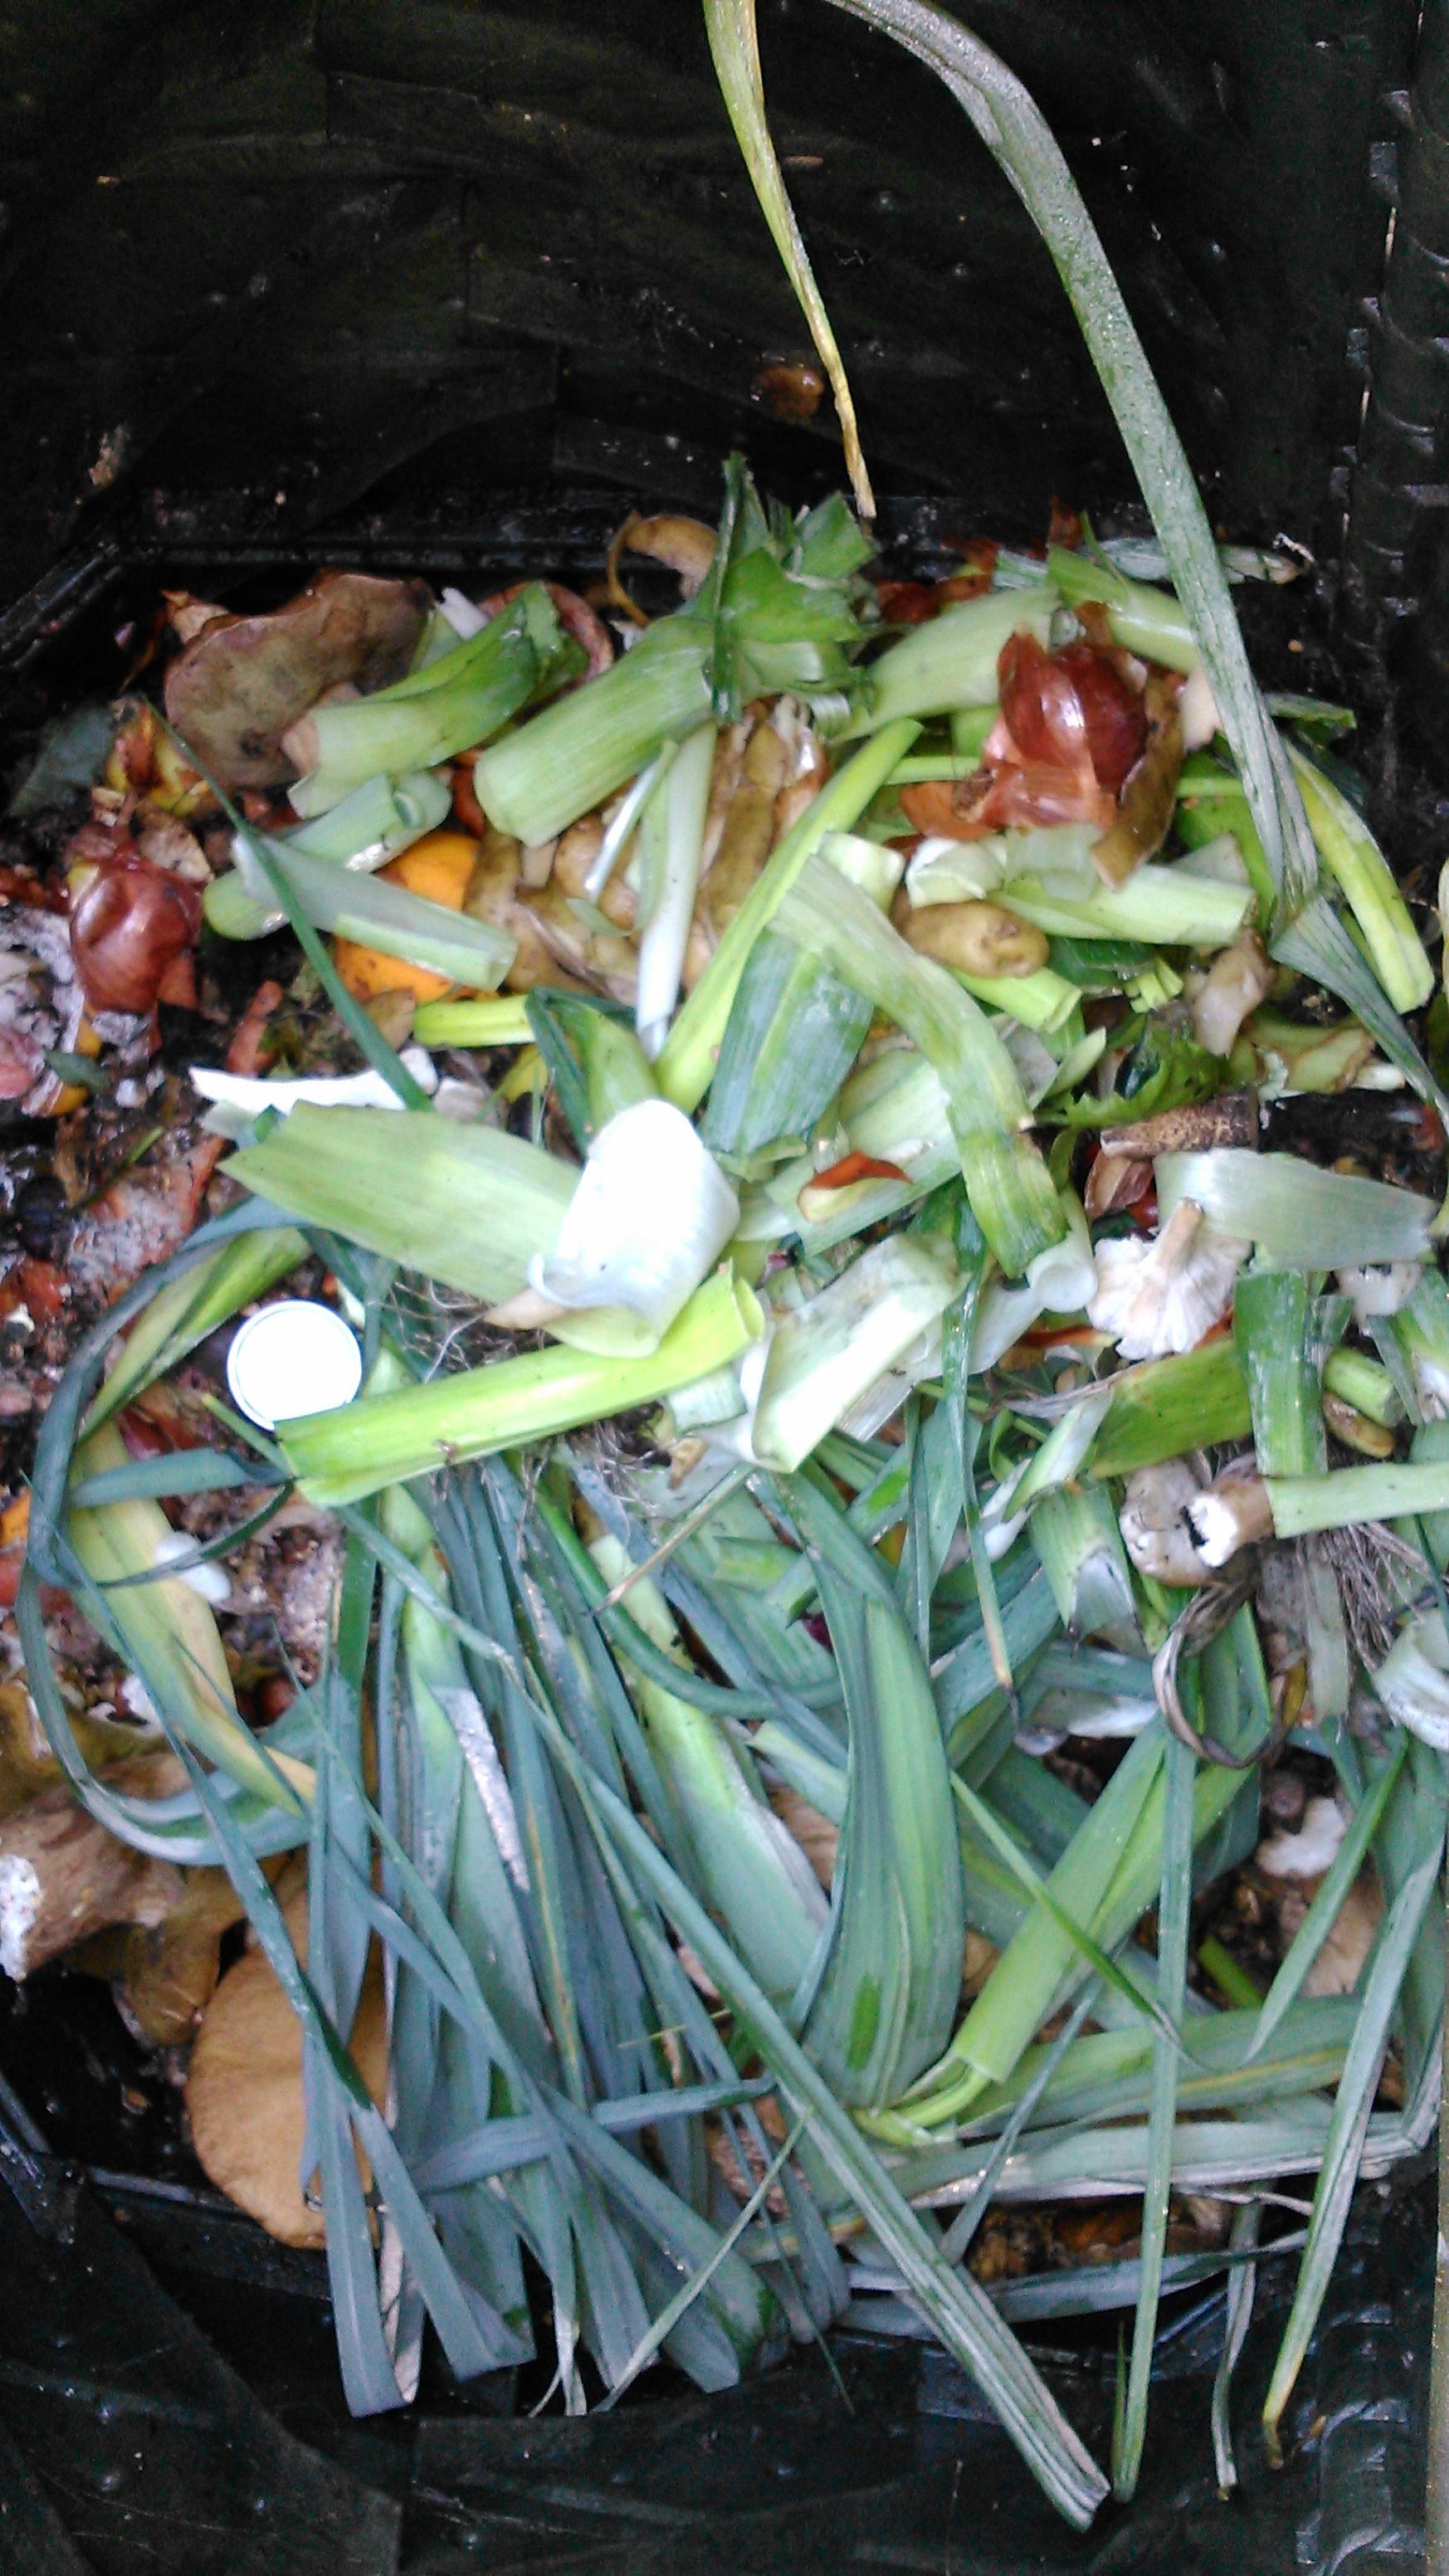 Sogama entrega 20 nuevos compostadores domésticos al concello vecino de Ordes